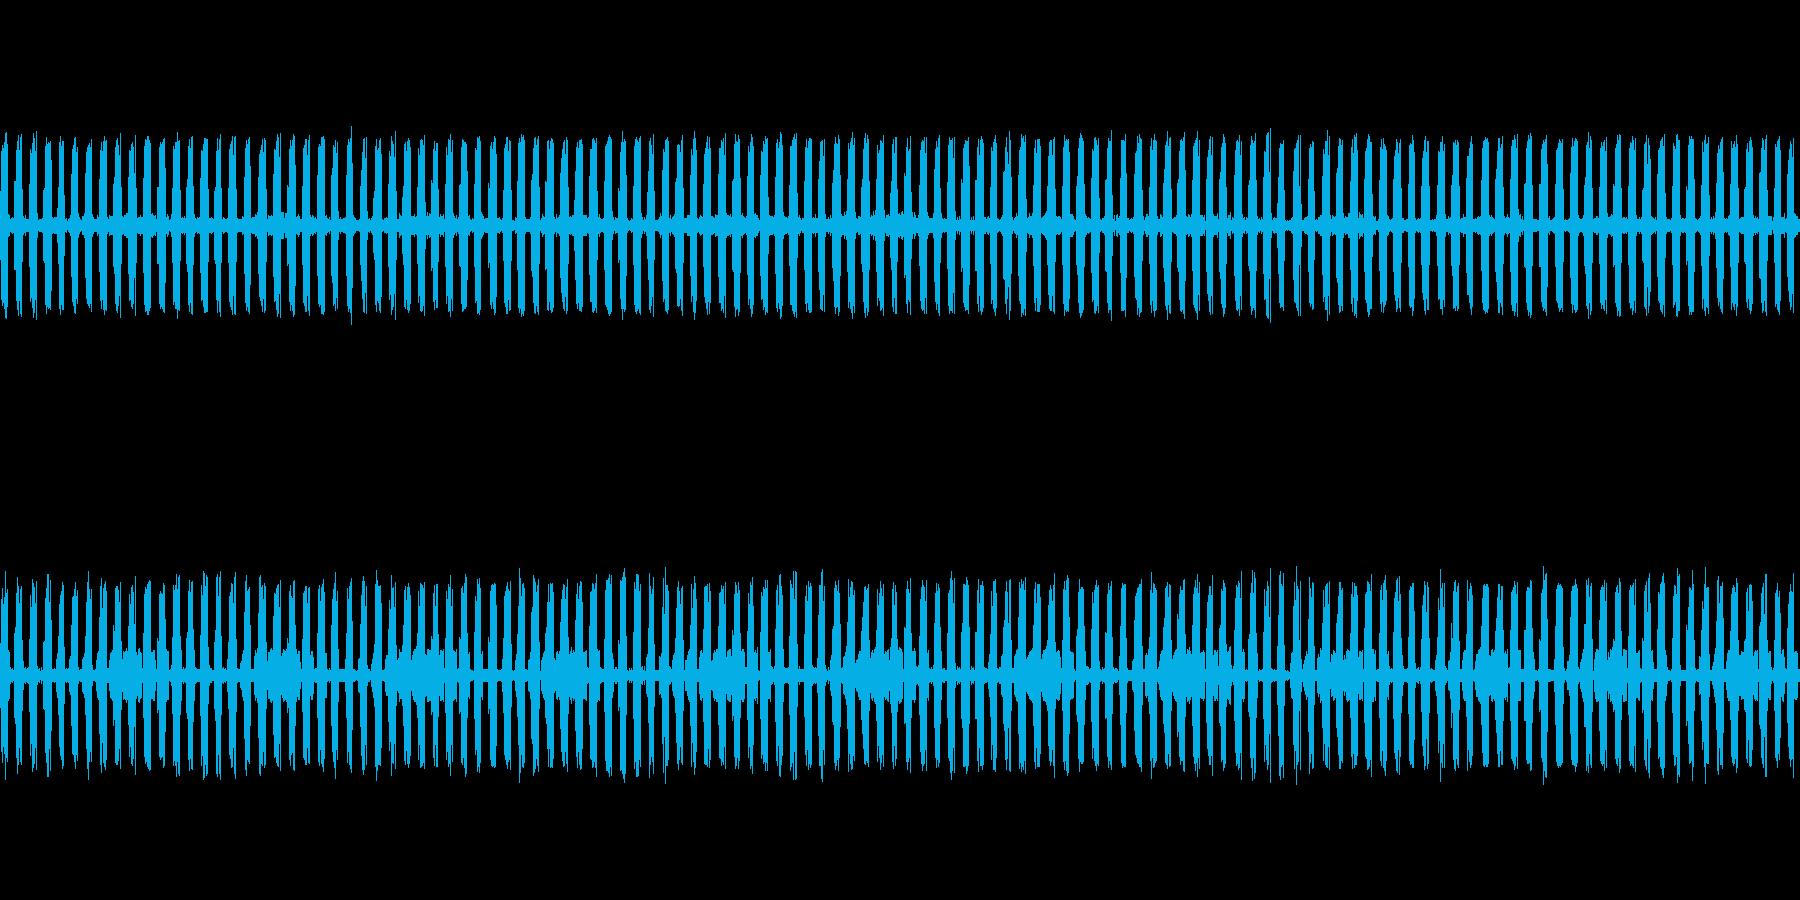 【生録音】秋の虫たちが鳴く音1 ループの再生済みの波形